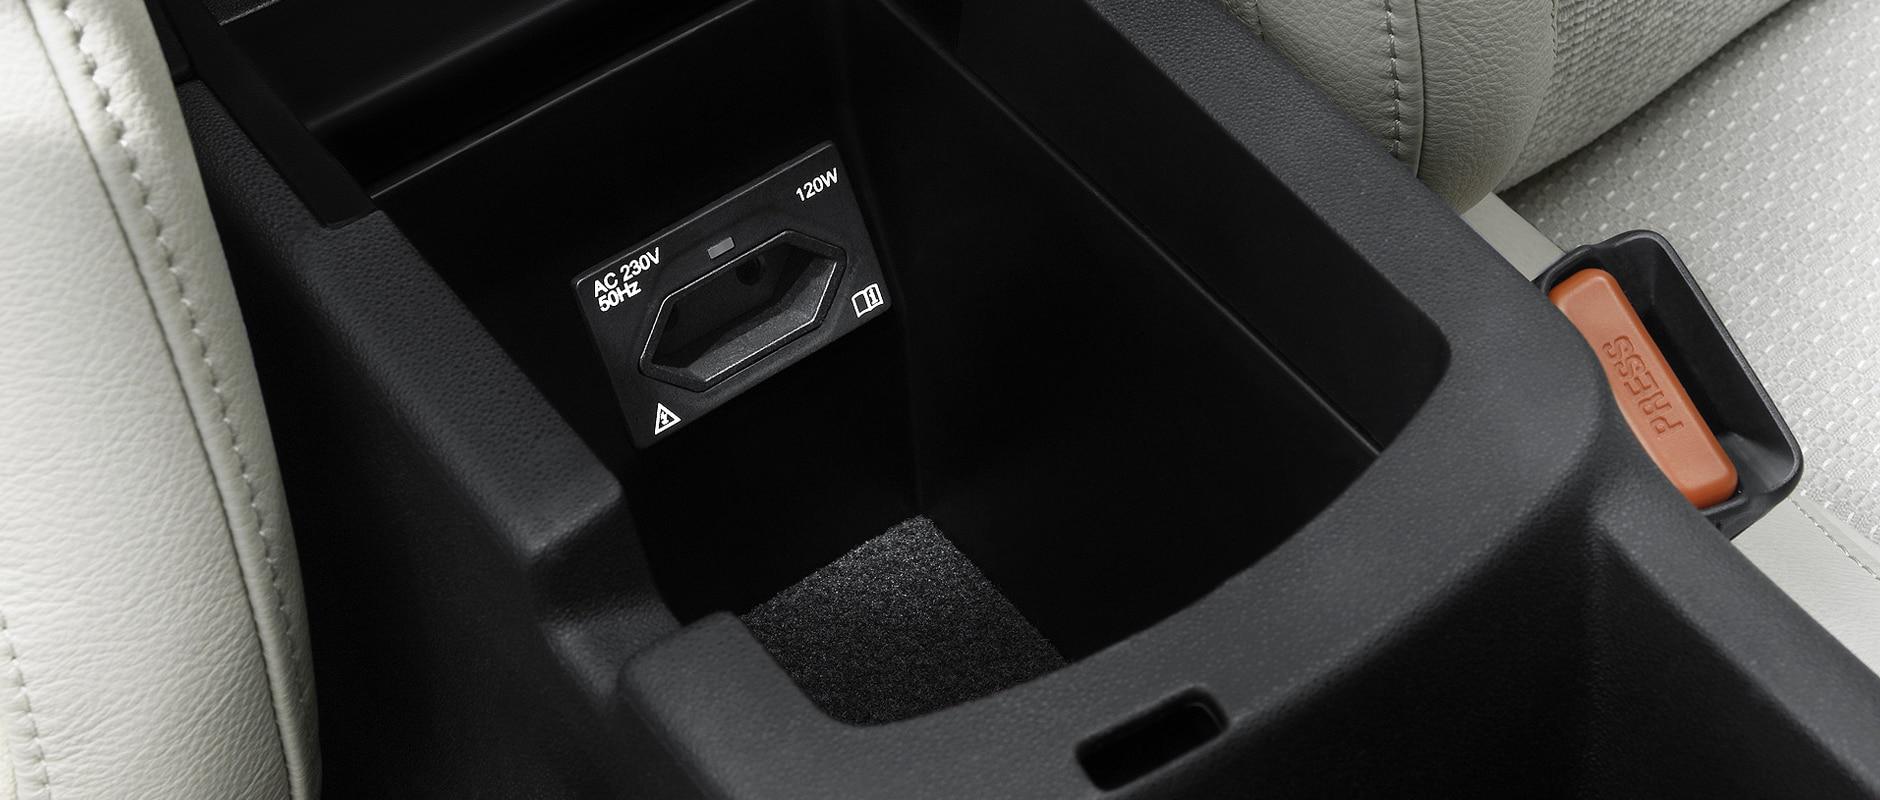 Citroën C4 - détails - Polyvalence